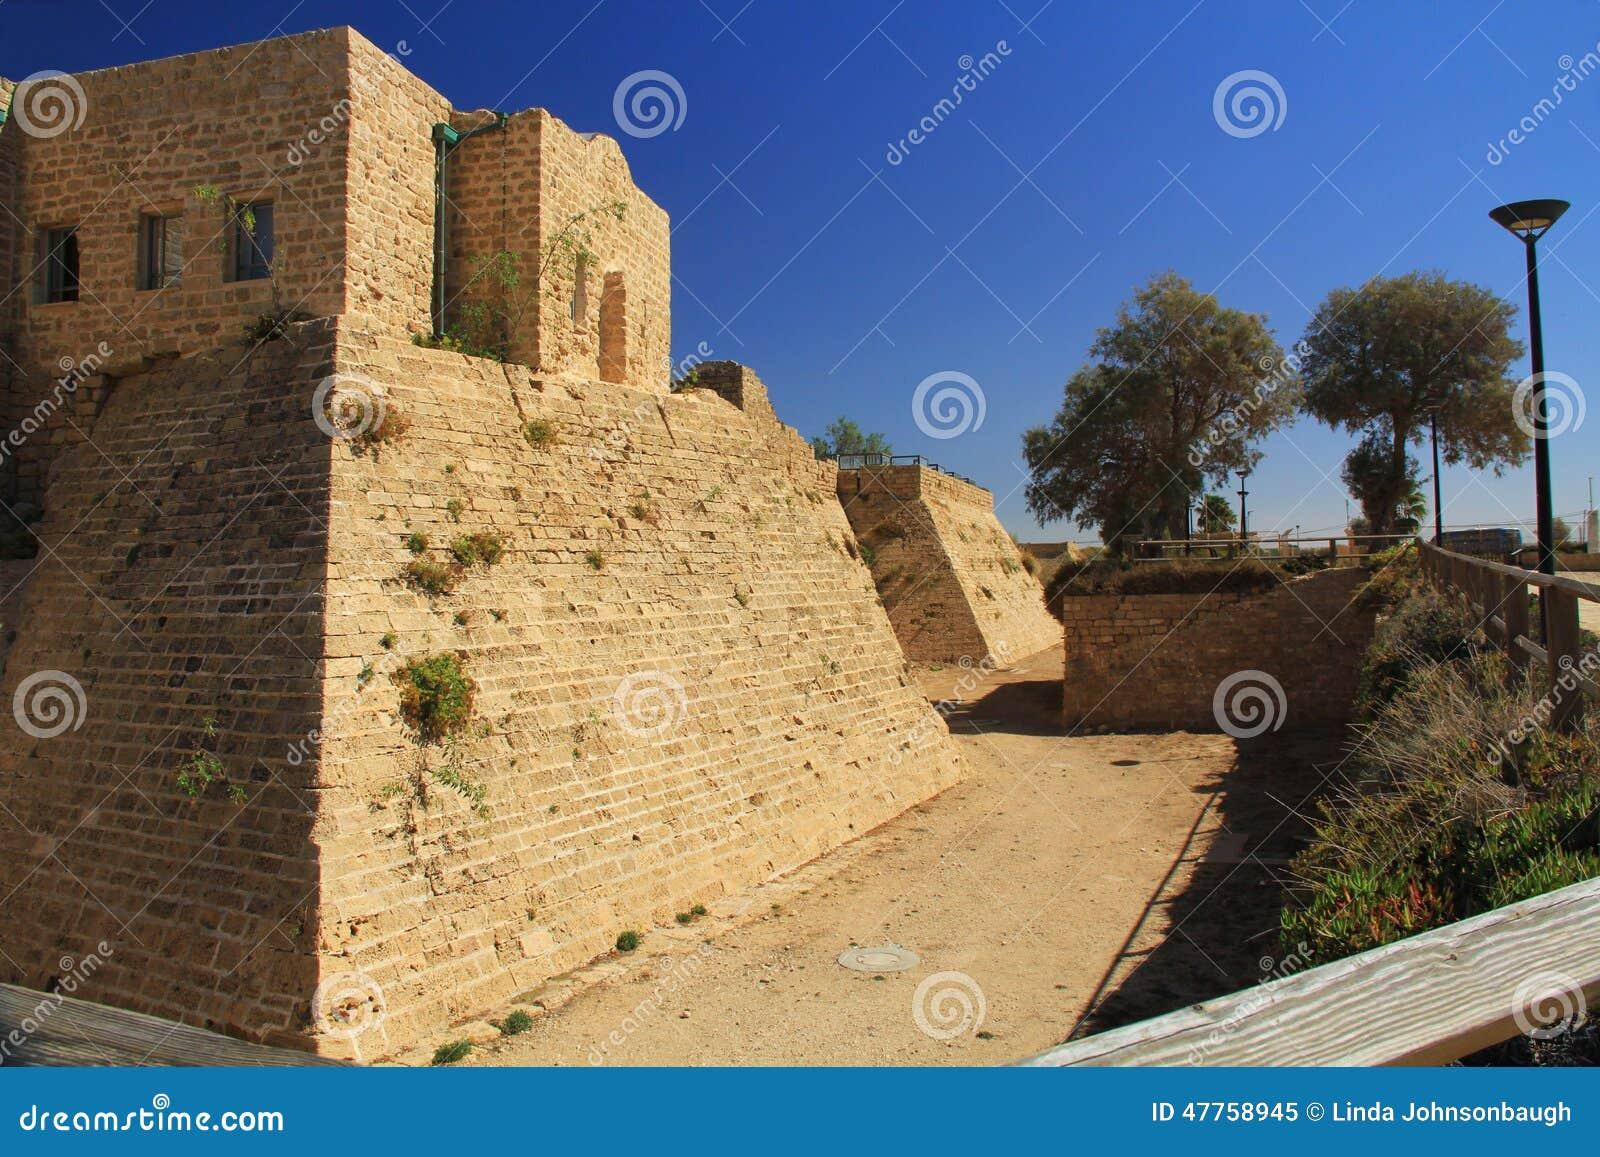 Castle Moat in Caesarea Maritima National Park